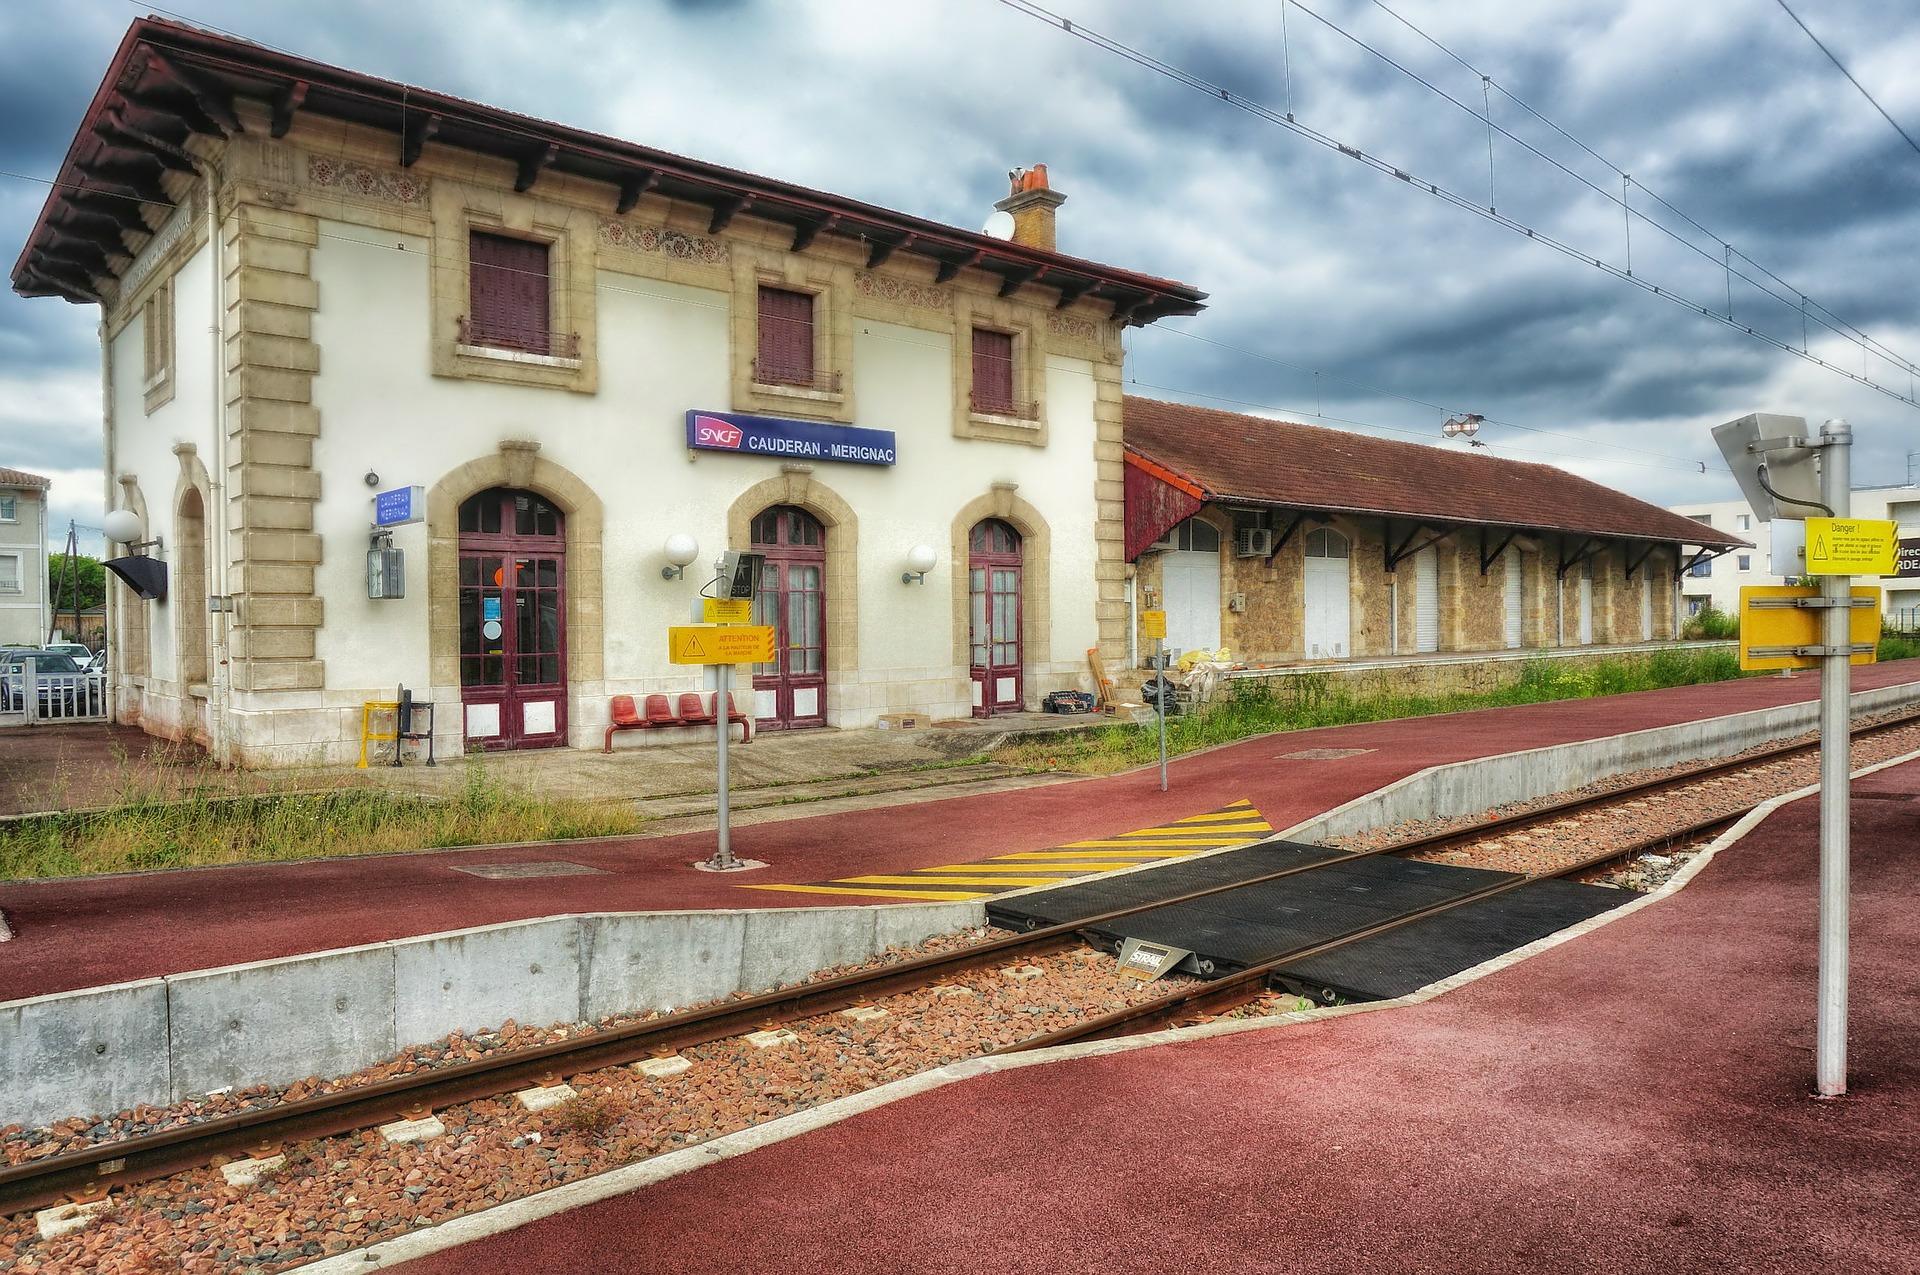 SNCF : 188 gares accueillent moins d'un voyageur par jour